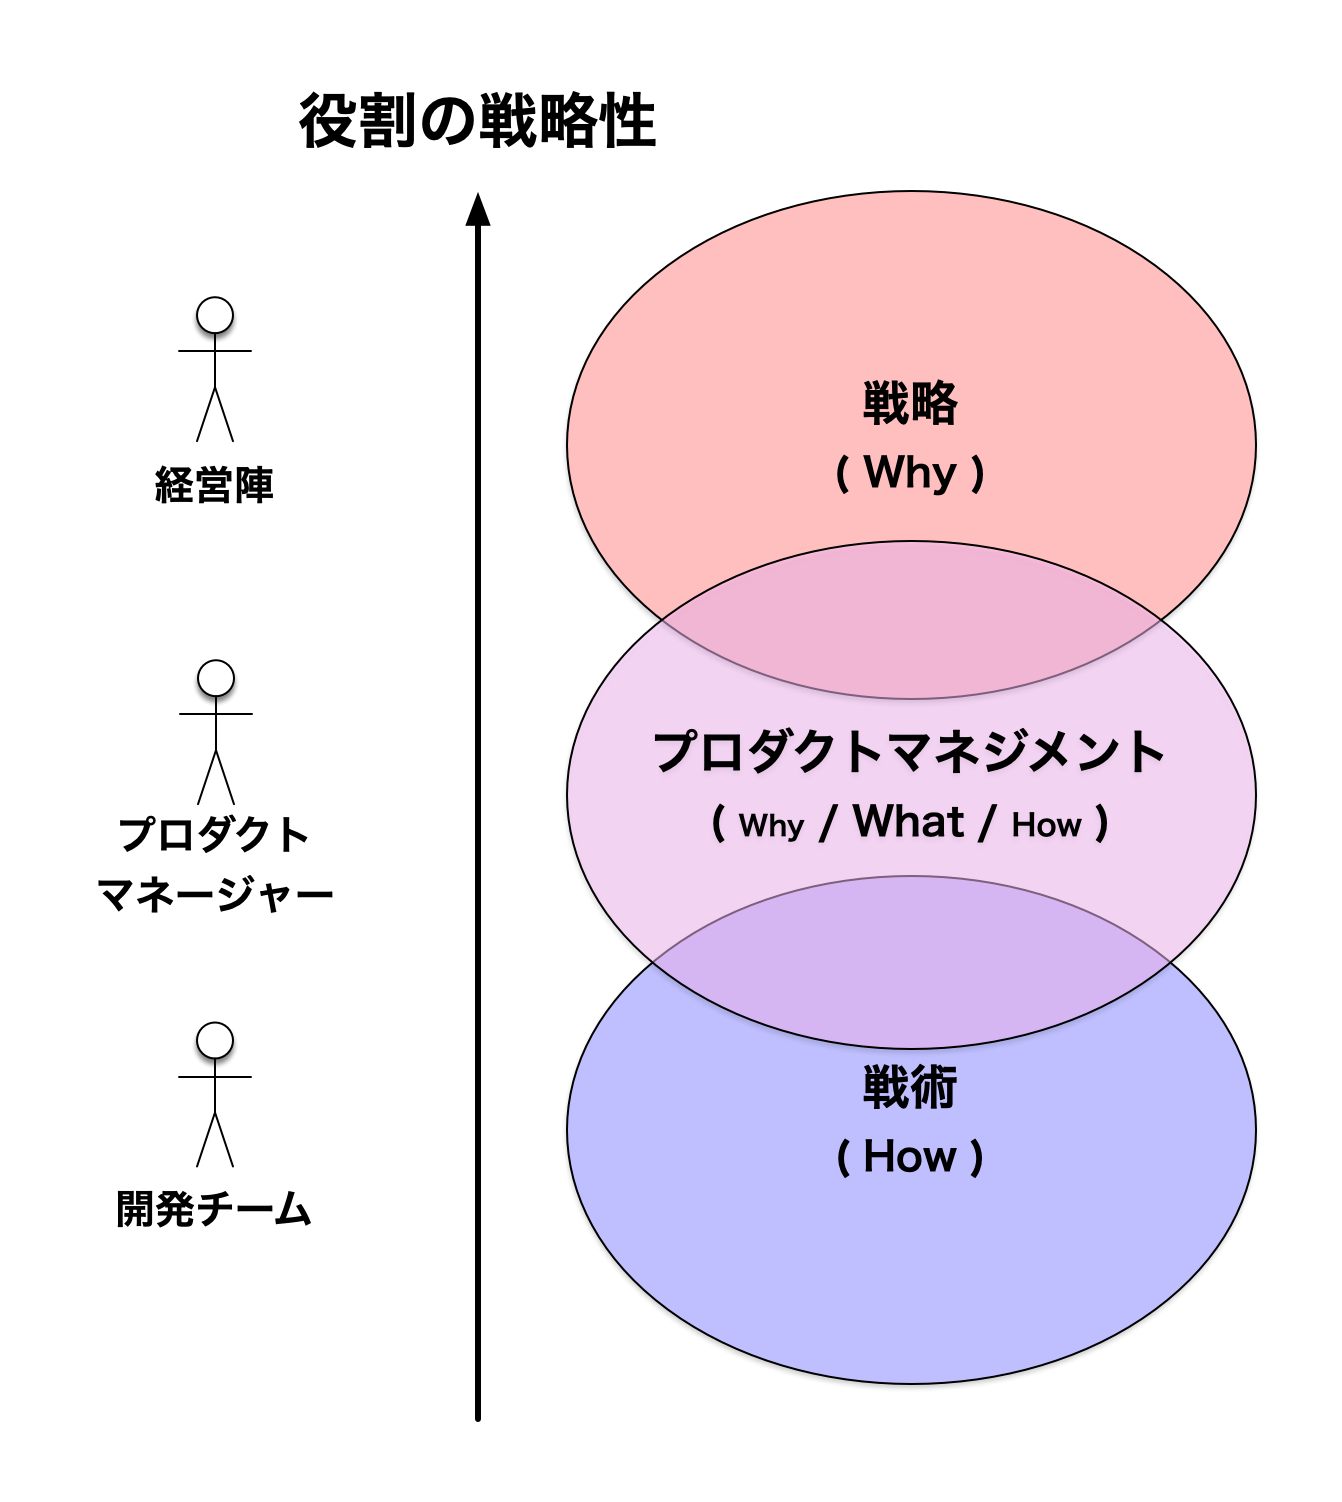 役割の戦略性 - プロダクトマネジメント導入